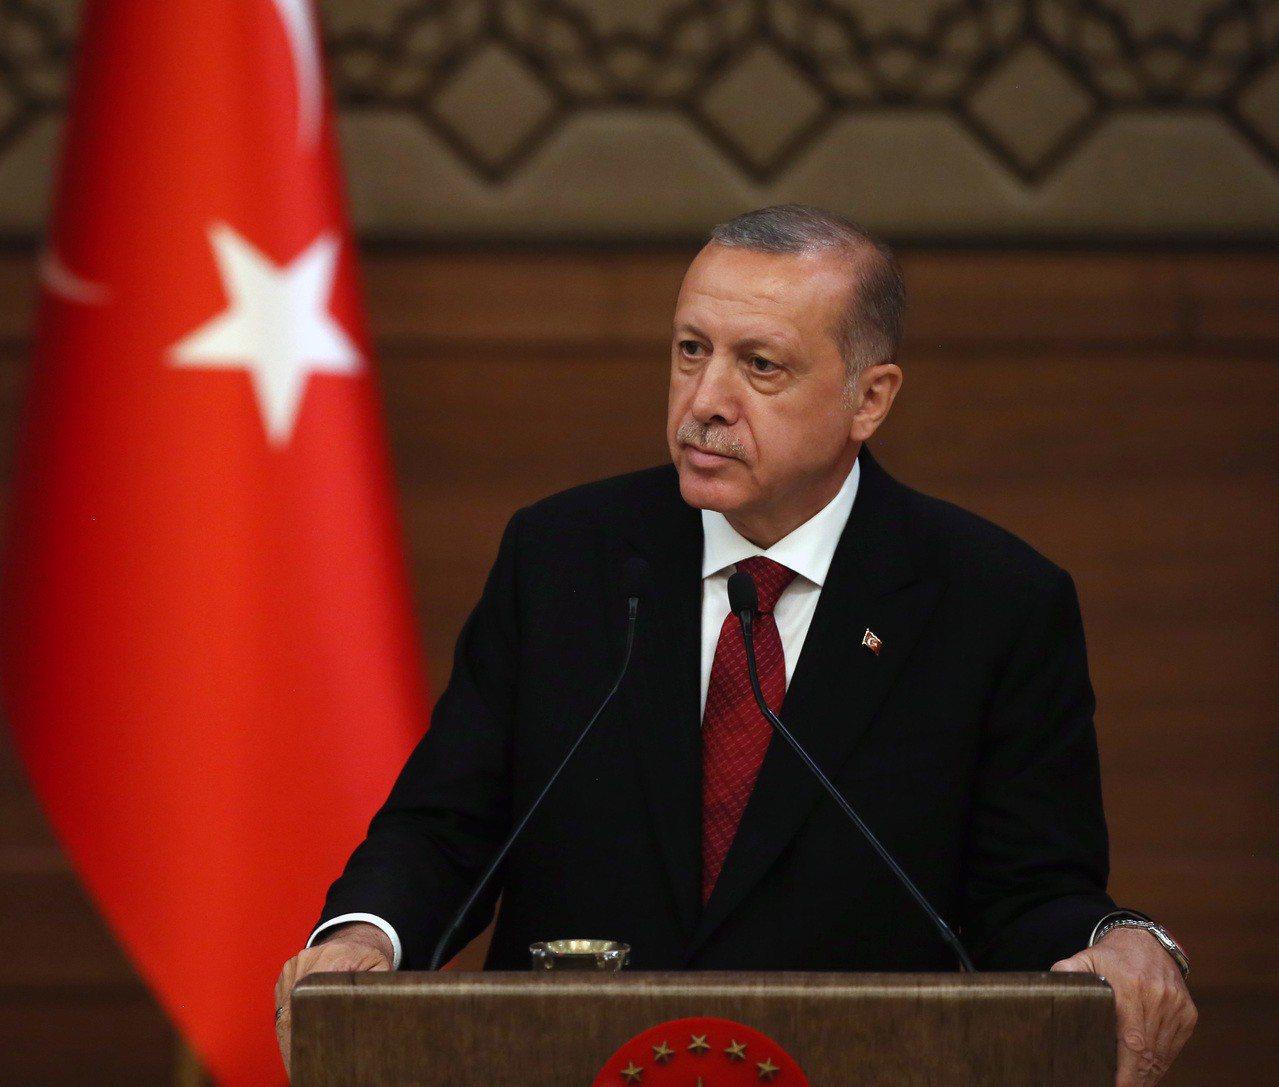 土耳其總統艾爾段強硬回應,土耳其里拉單日重挫13.7%至歷史新低、週線貶逾兩成,...